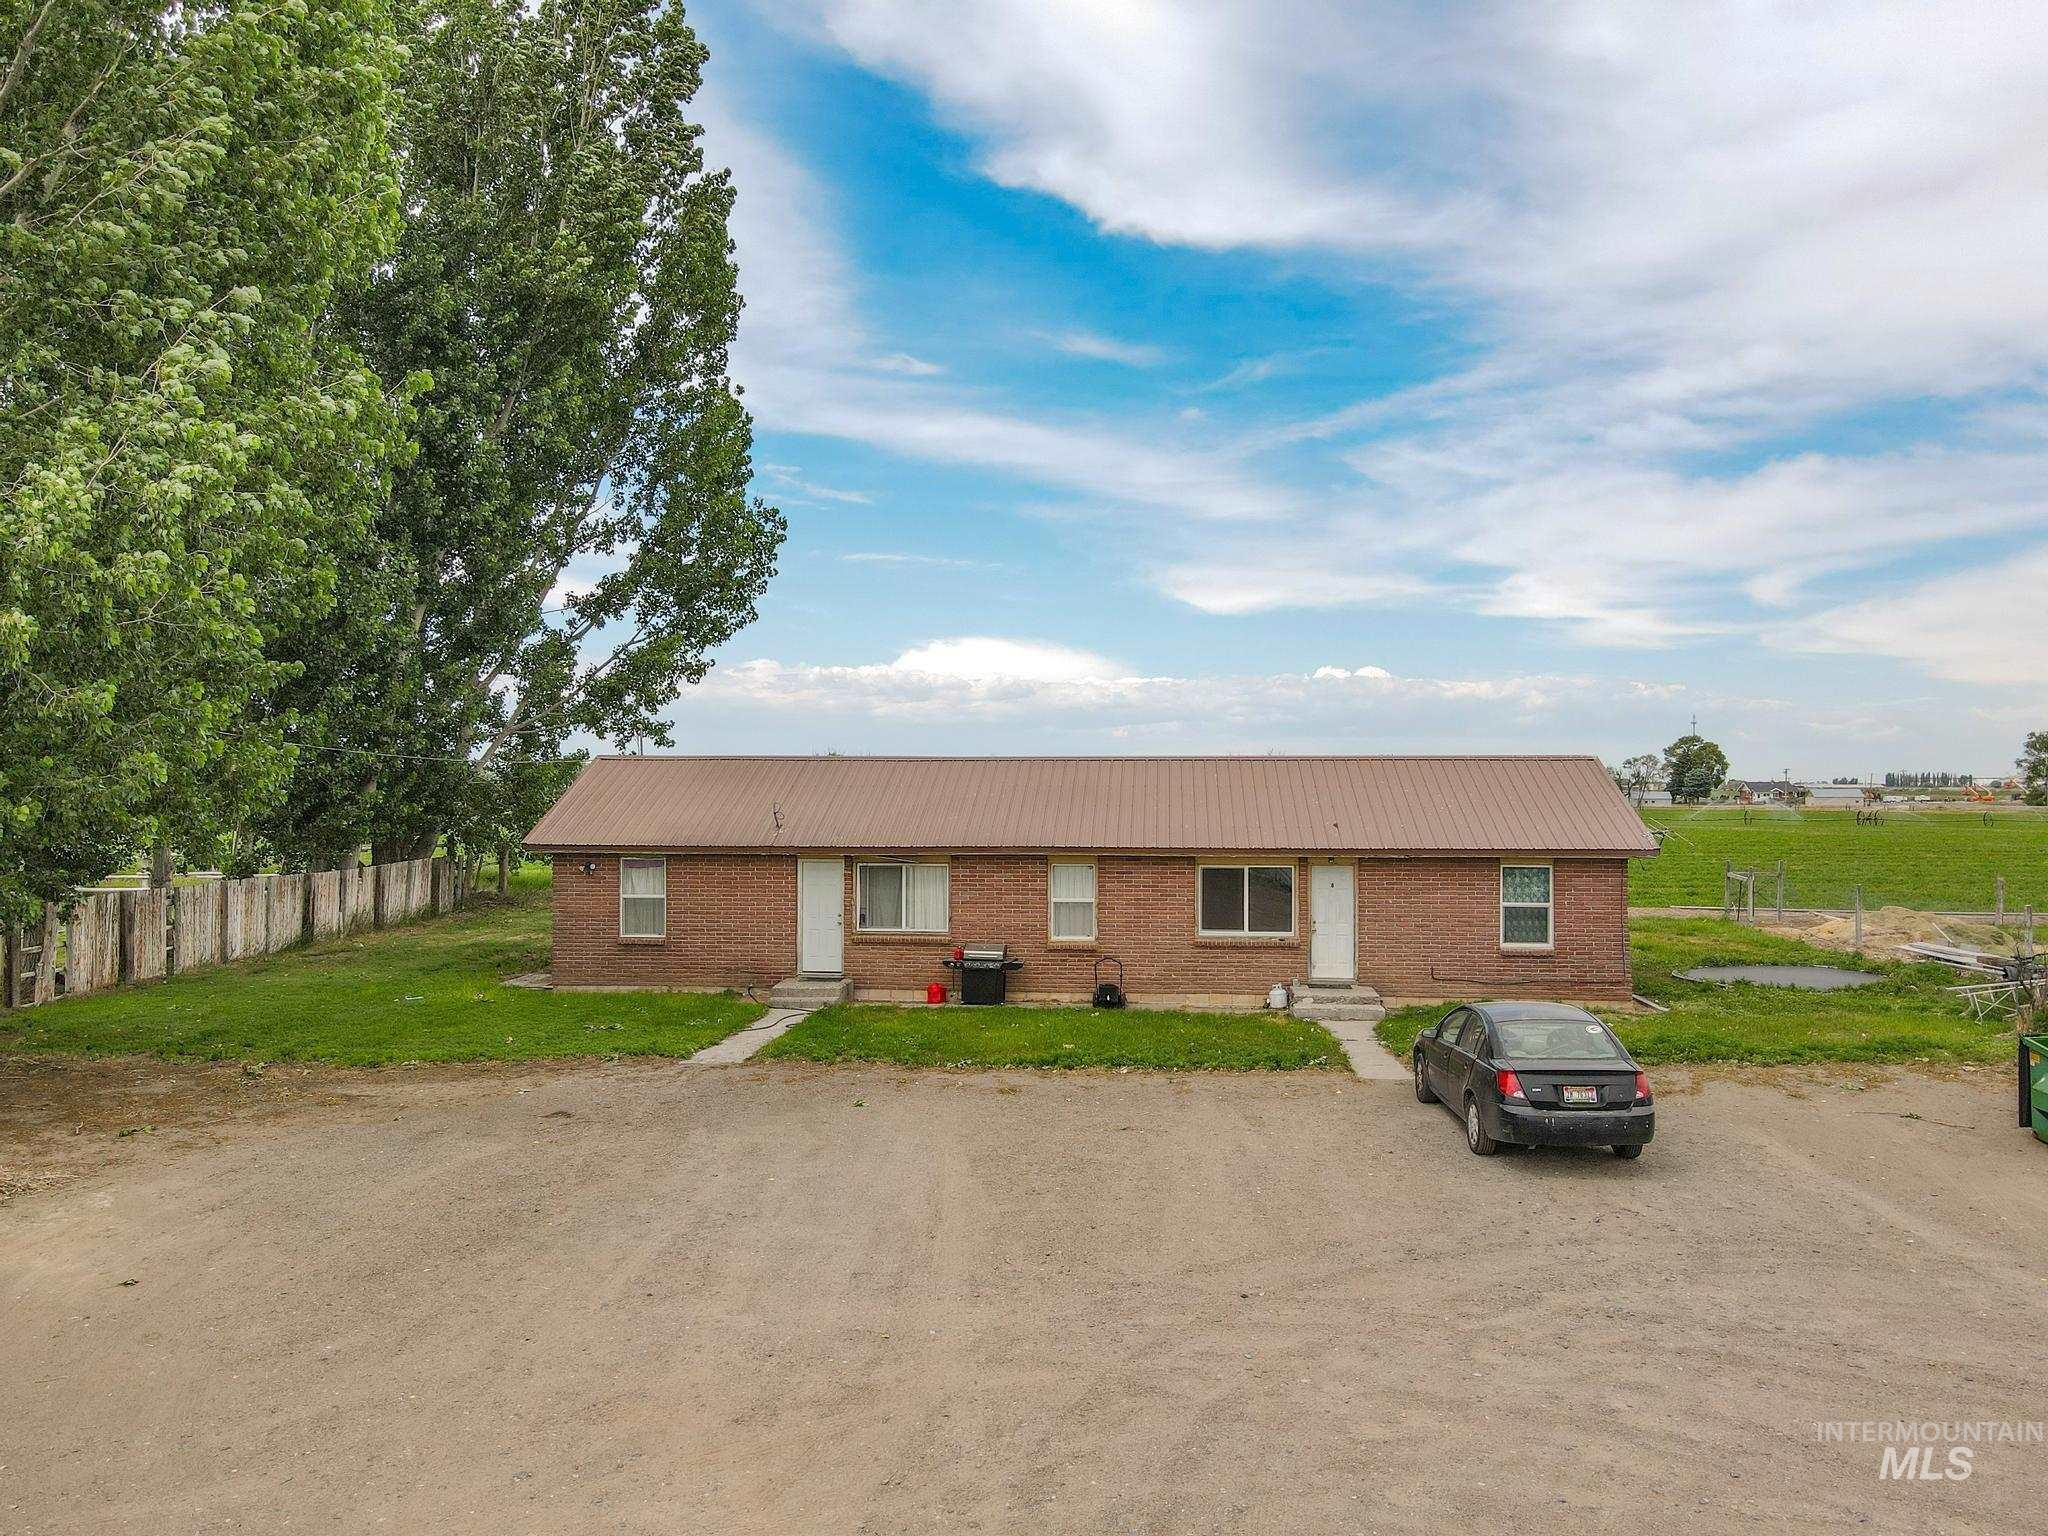 612 W 300 S Property Photo